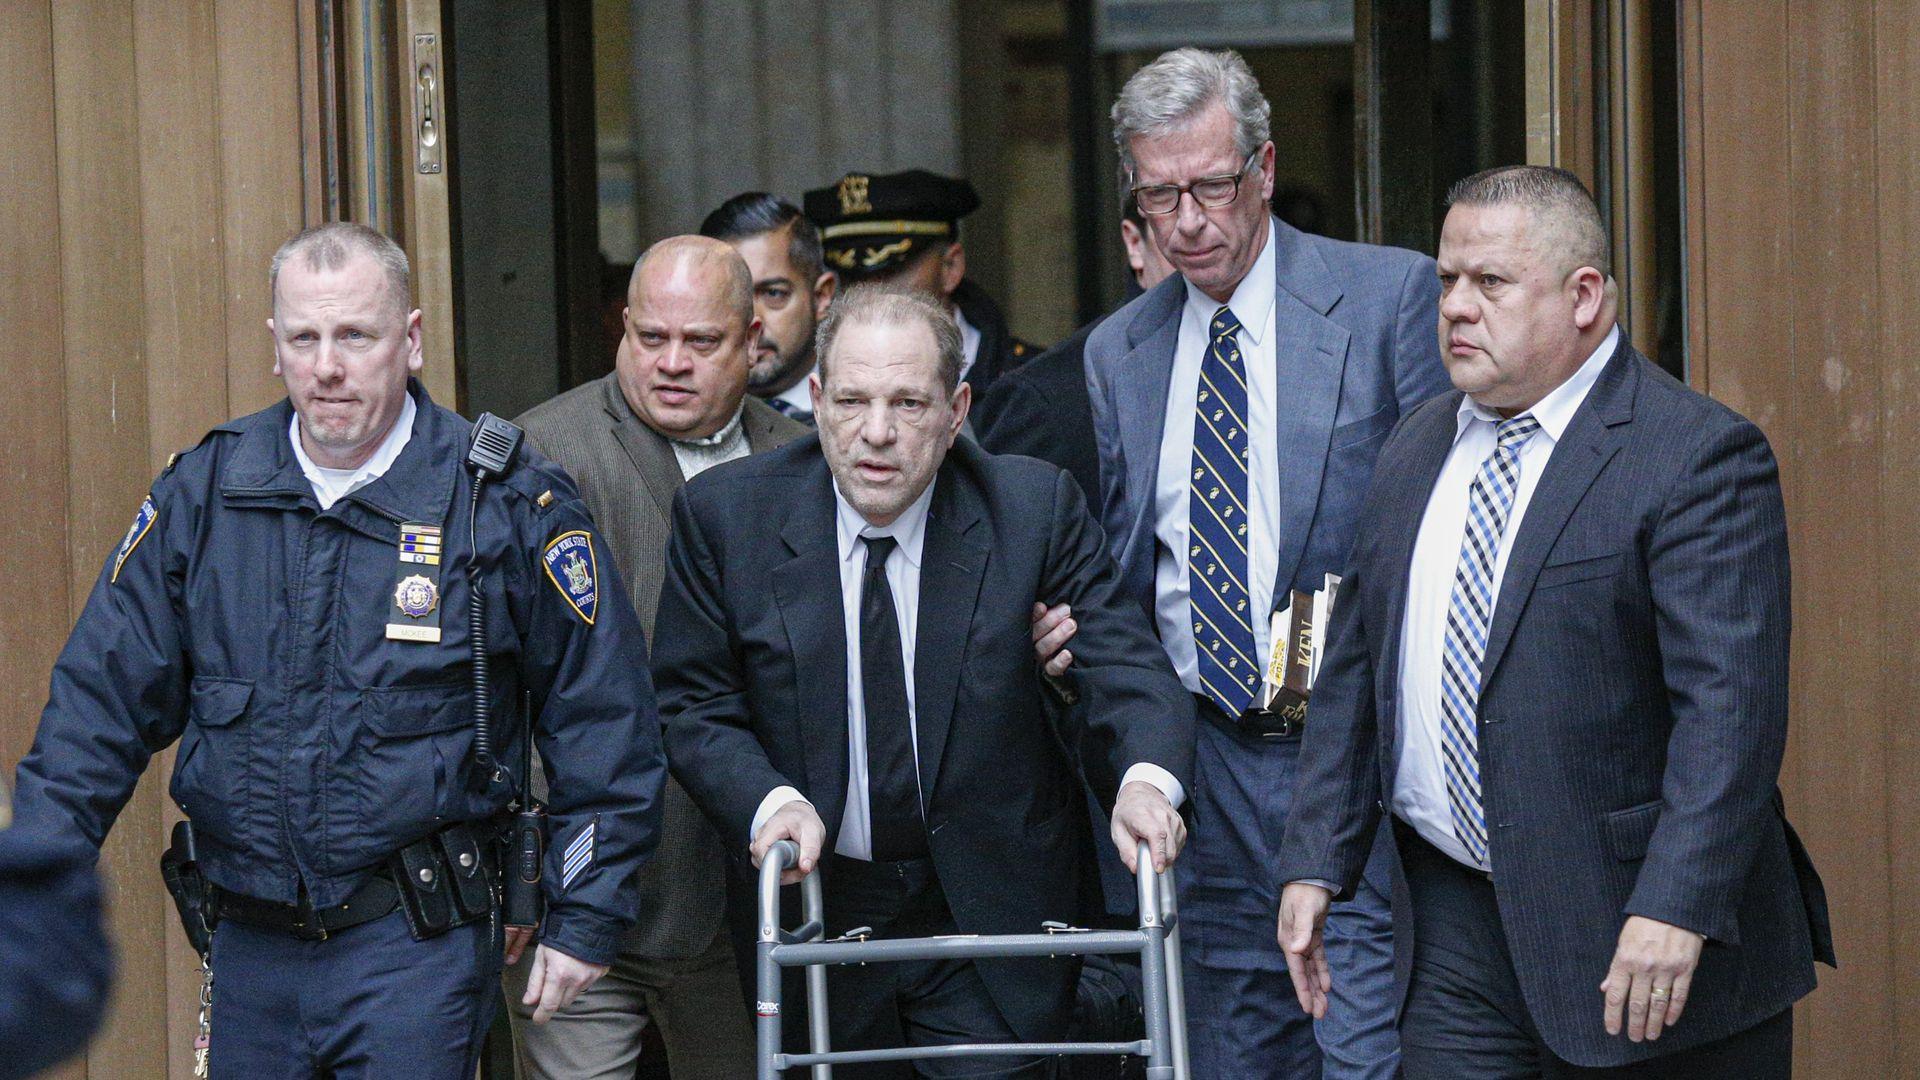 Harvey Weinstein leaving court